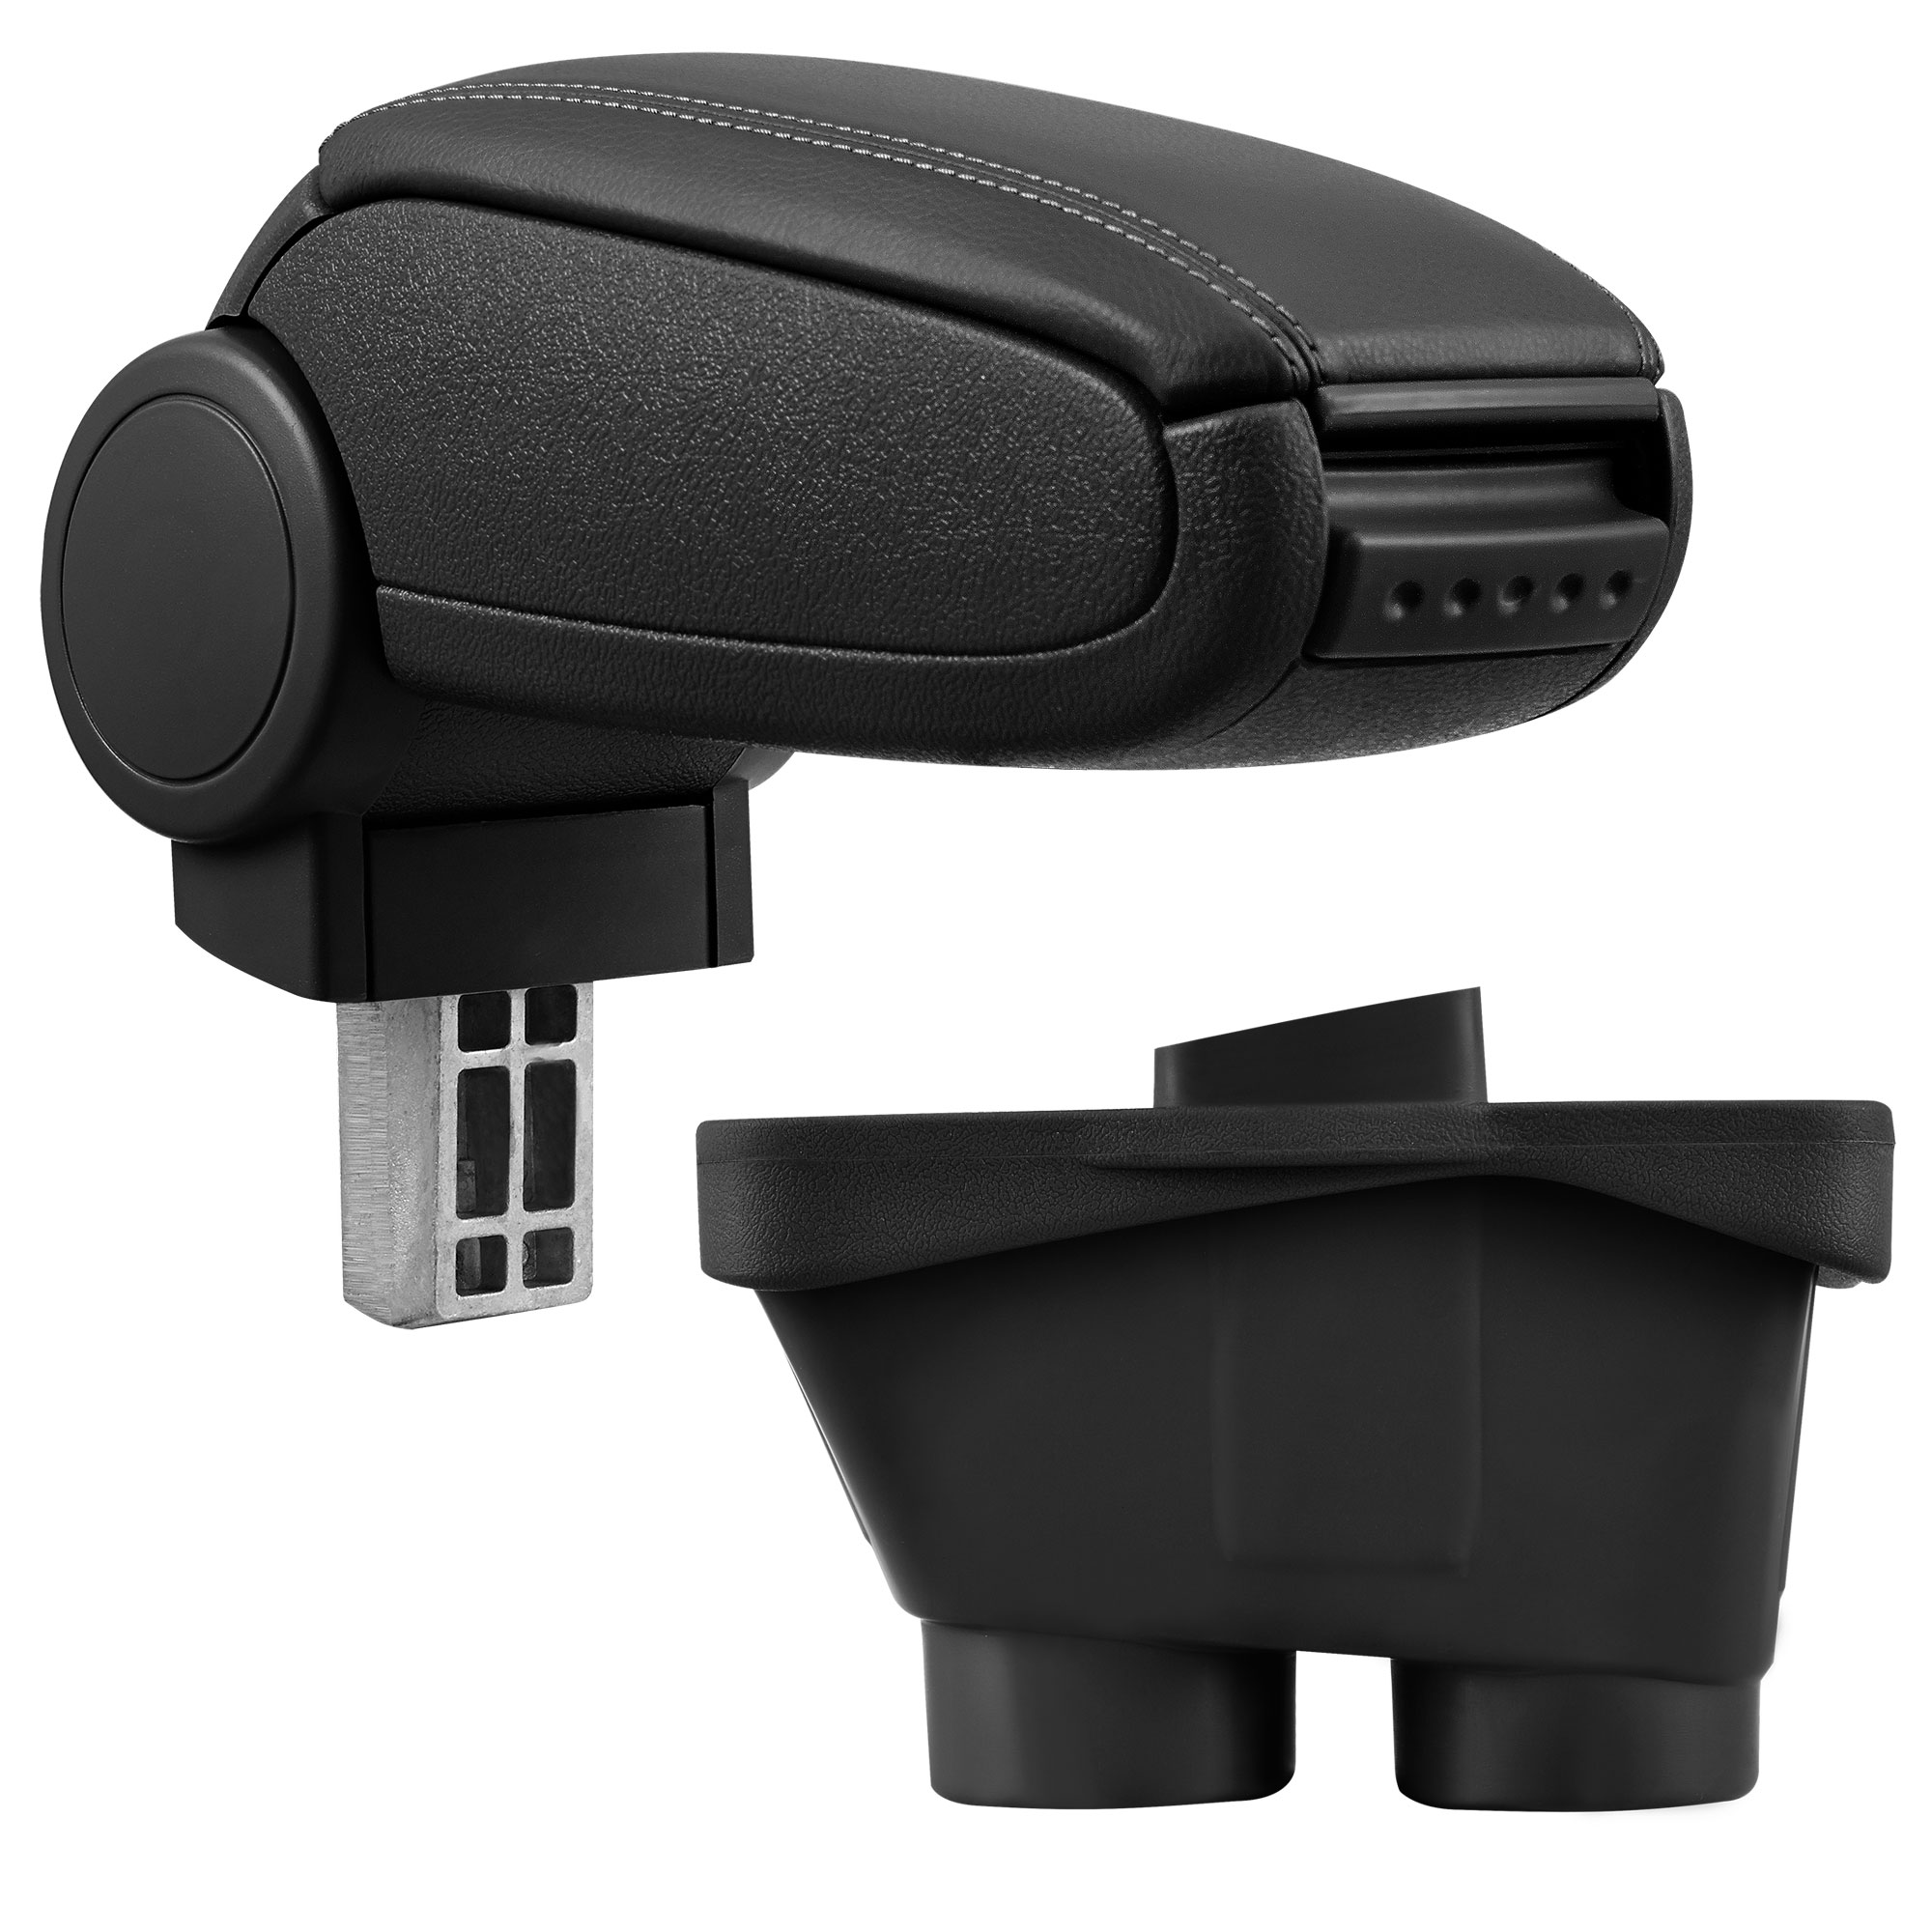 Středová loketní opěrka - vhodná pro: Peugeot 208 (Rok výroby od 2012, 3dv/5dv) - umělá kůže - Černá s černými švy